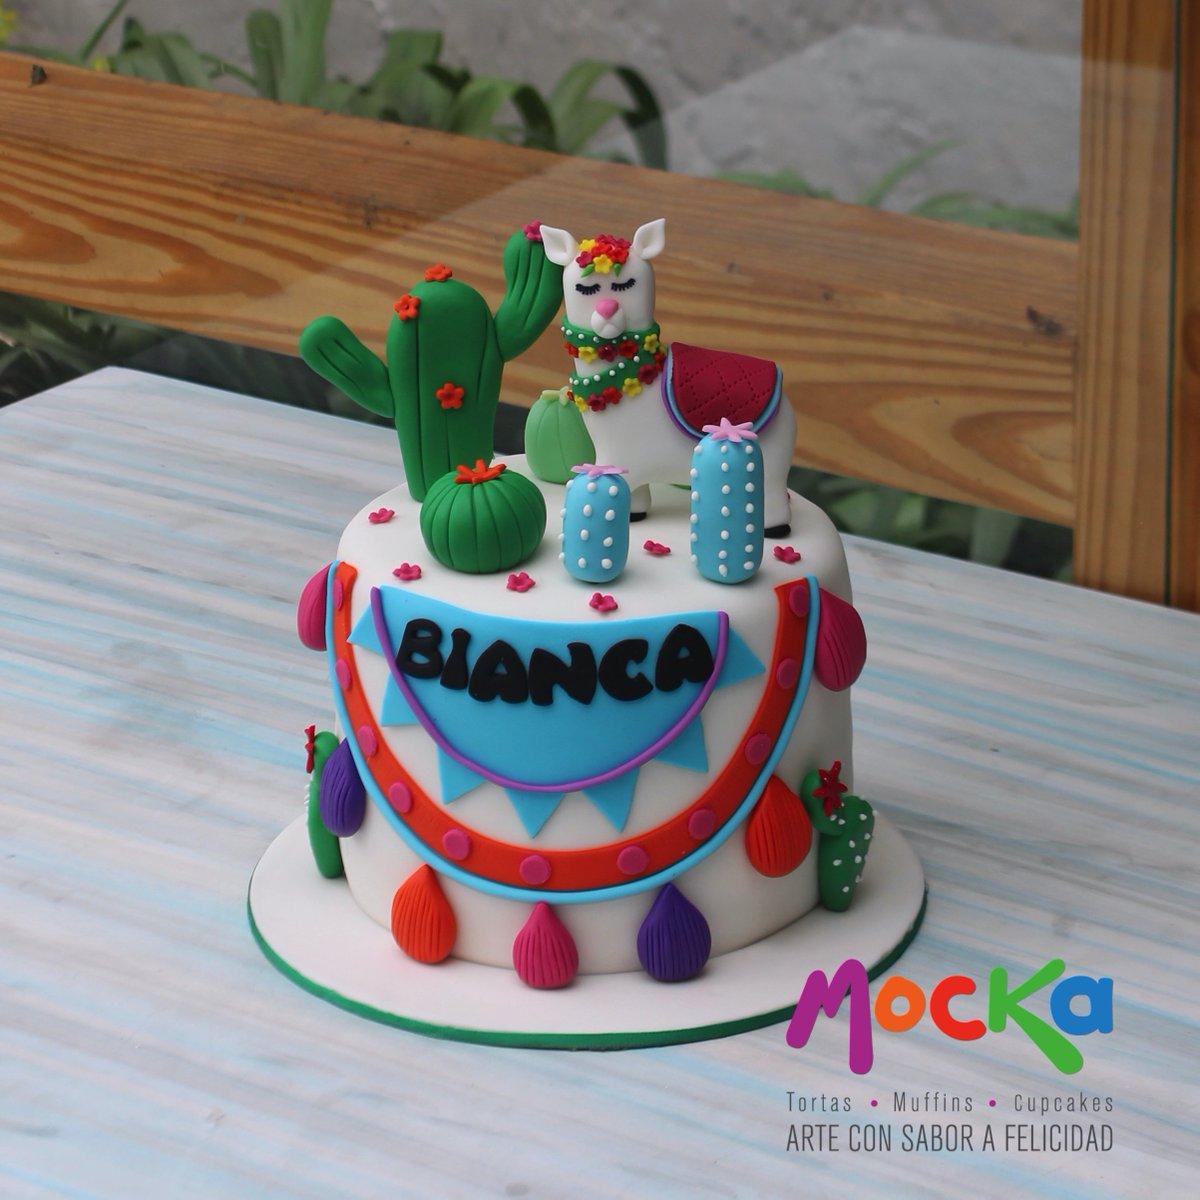 En @MockaPasteleria interpretamos la idea que tengas en mente y la hacemos una realidad para que tu próximo evento sea una ocasión única y llena de felicidad.   WhatsApp: 3006080239  #mockapasteleria  #ideasoriginales #tortacumpleaños #feliz2019 #tortamexicana #felizañonuevopic.twitter.com/OW0VLVwj5K